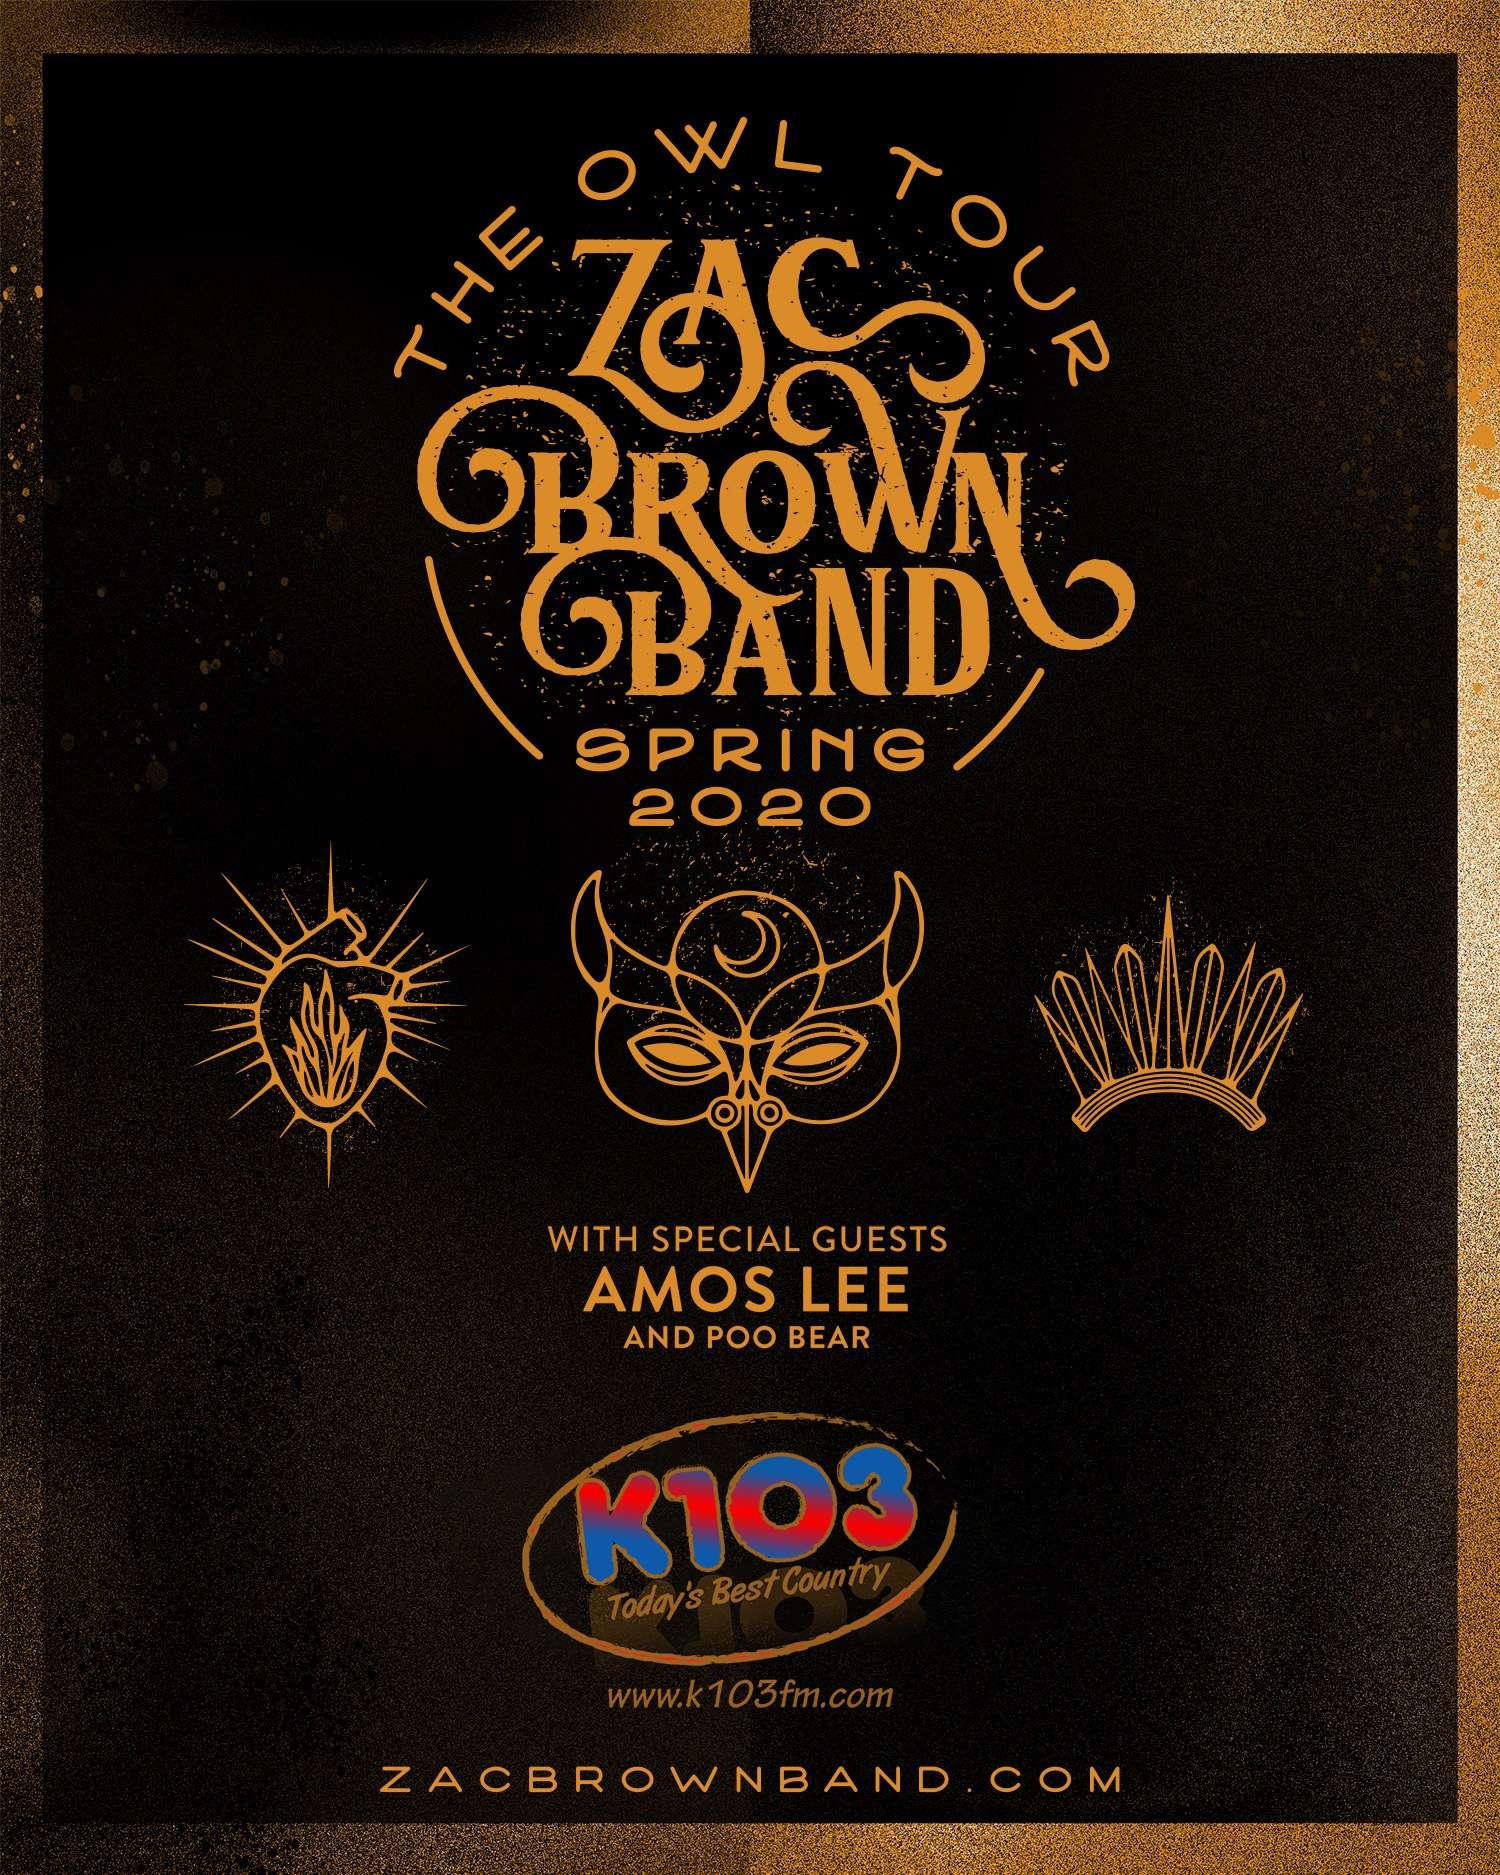 zac-brown-k103